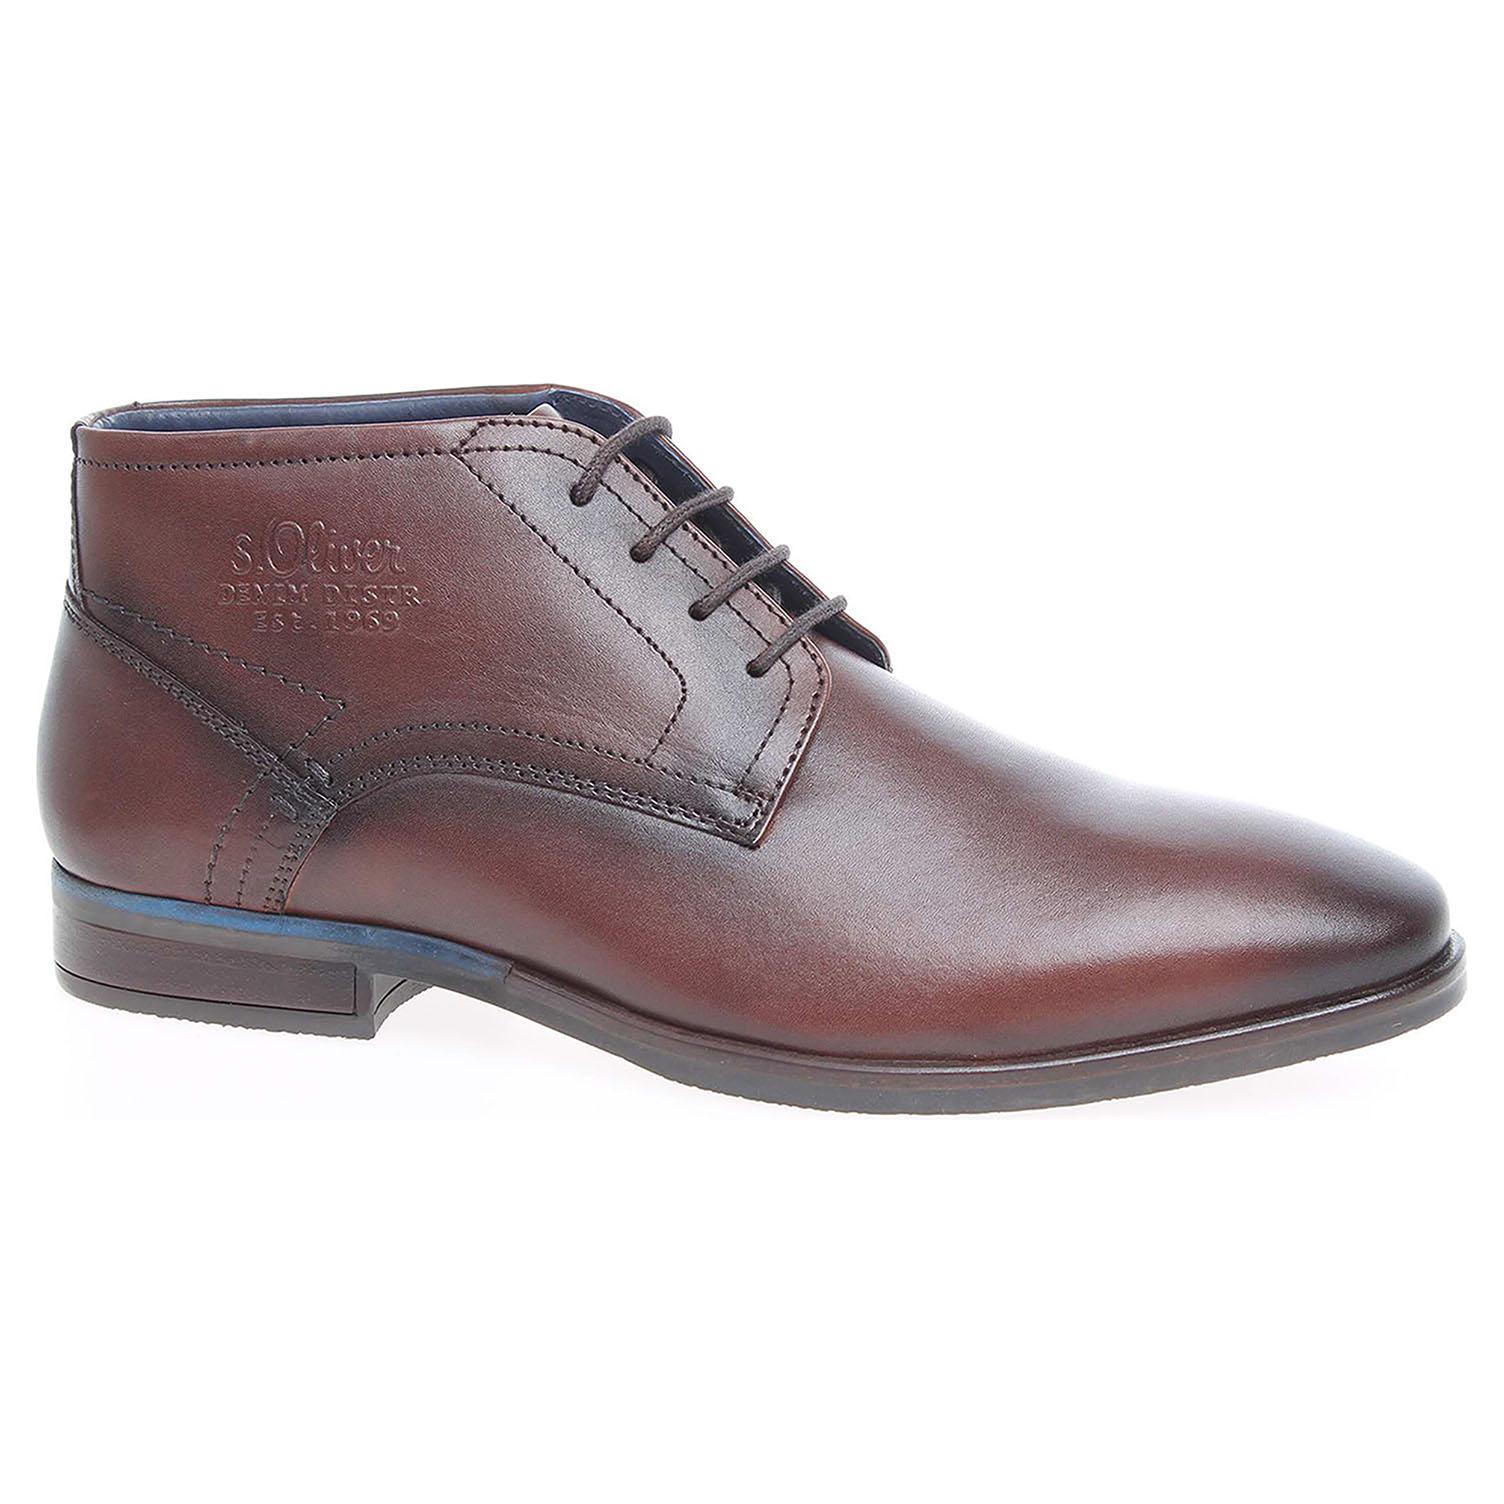 Pánská kotníková obuv s.Oliver 5-15226-37 hnědé 43